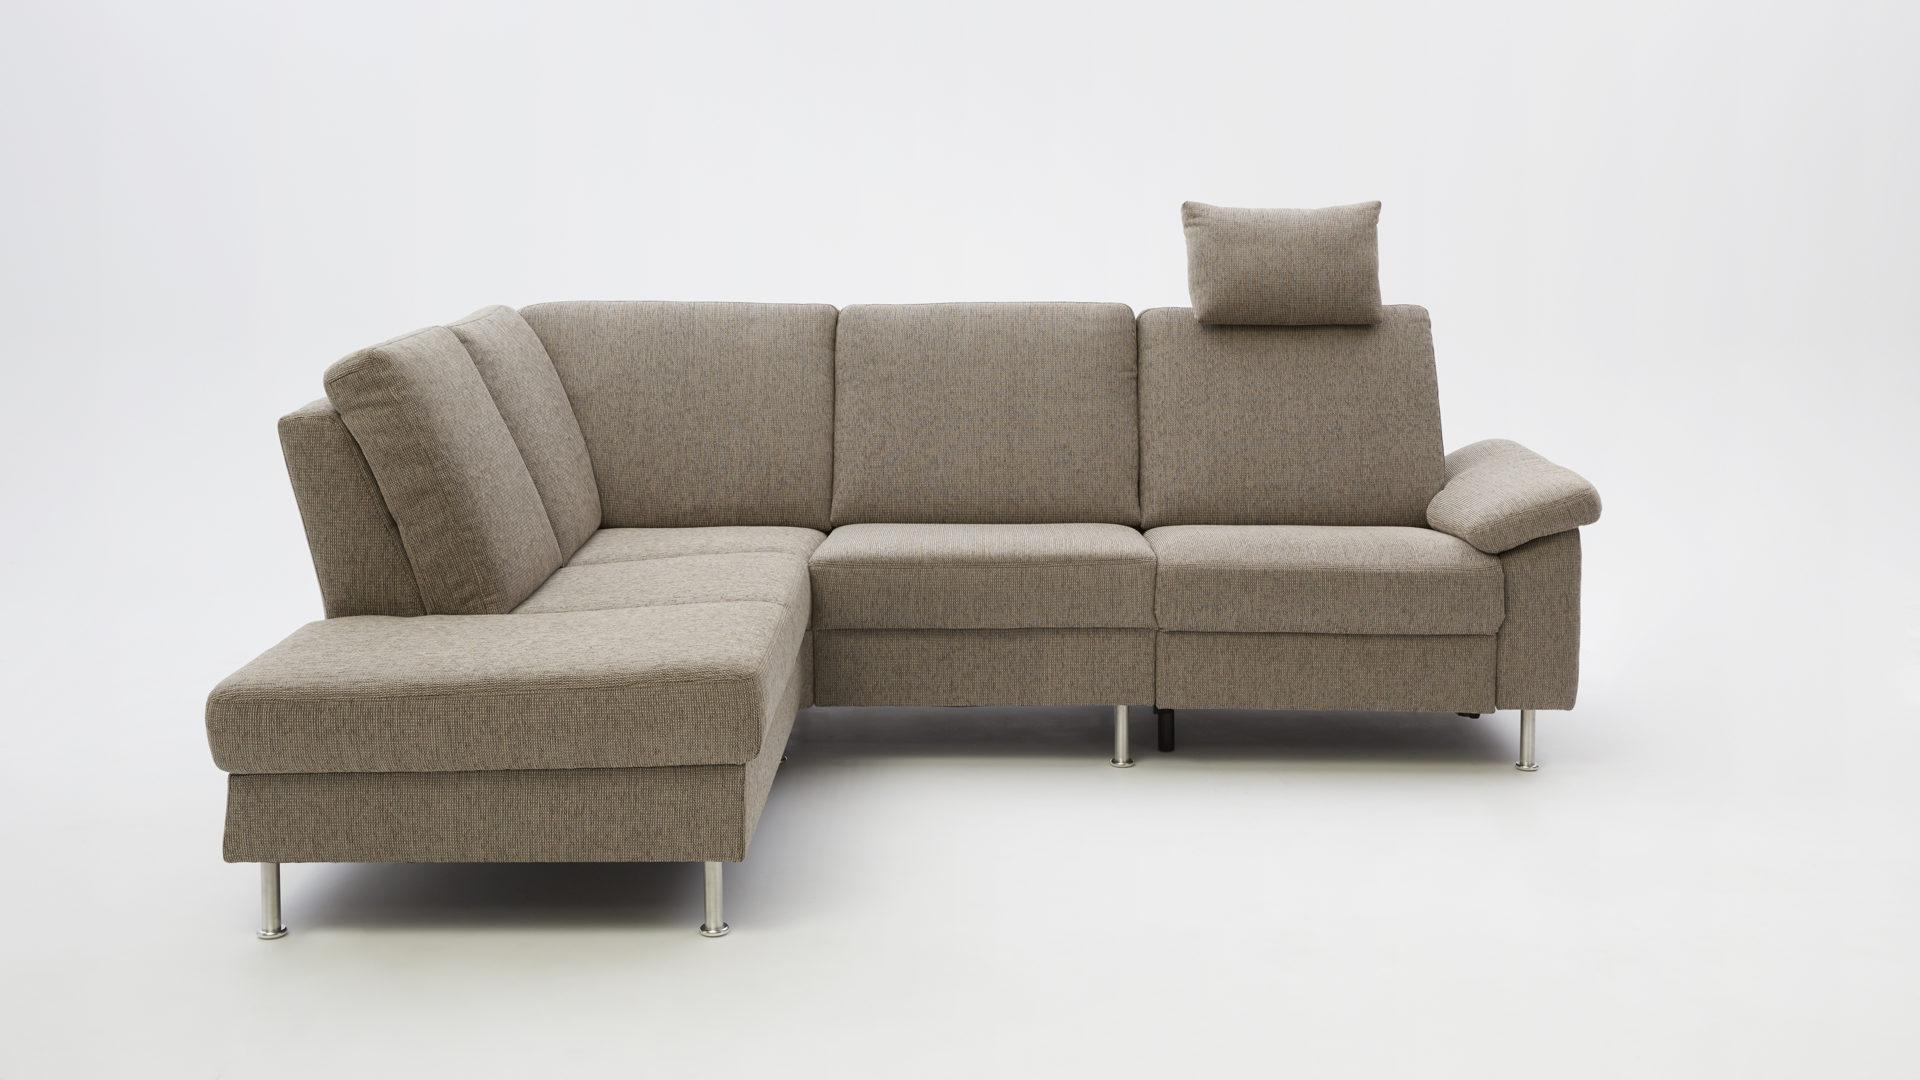 Möbel Hermes Sofa Sessel Couches Günstig Kaufen Westerwald